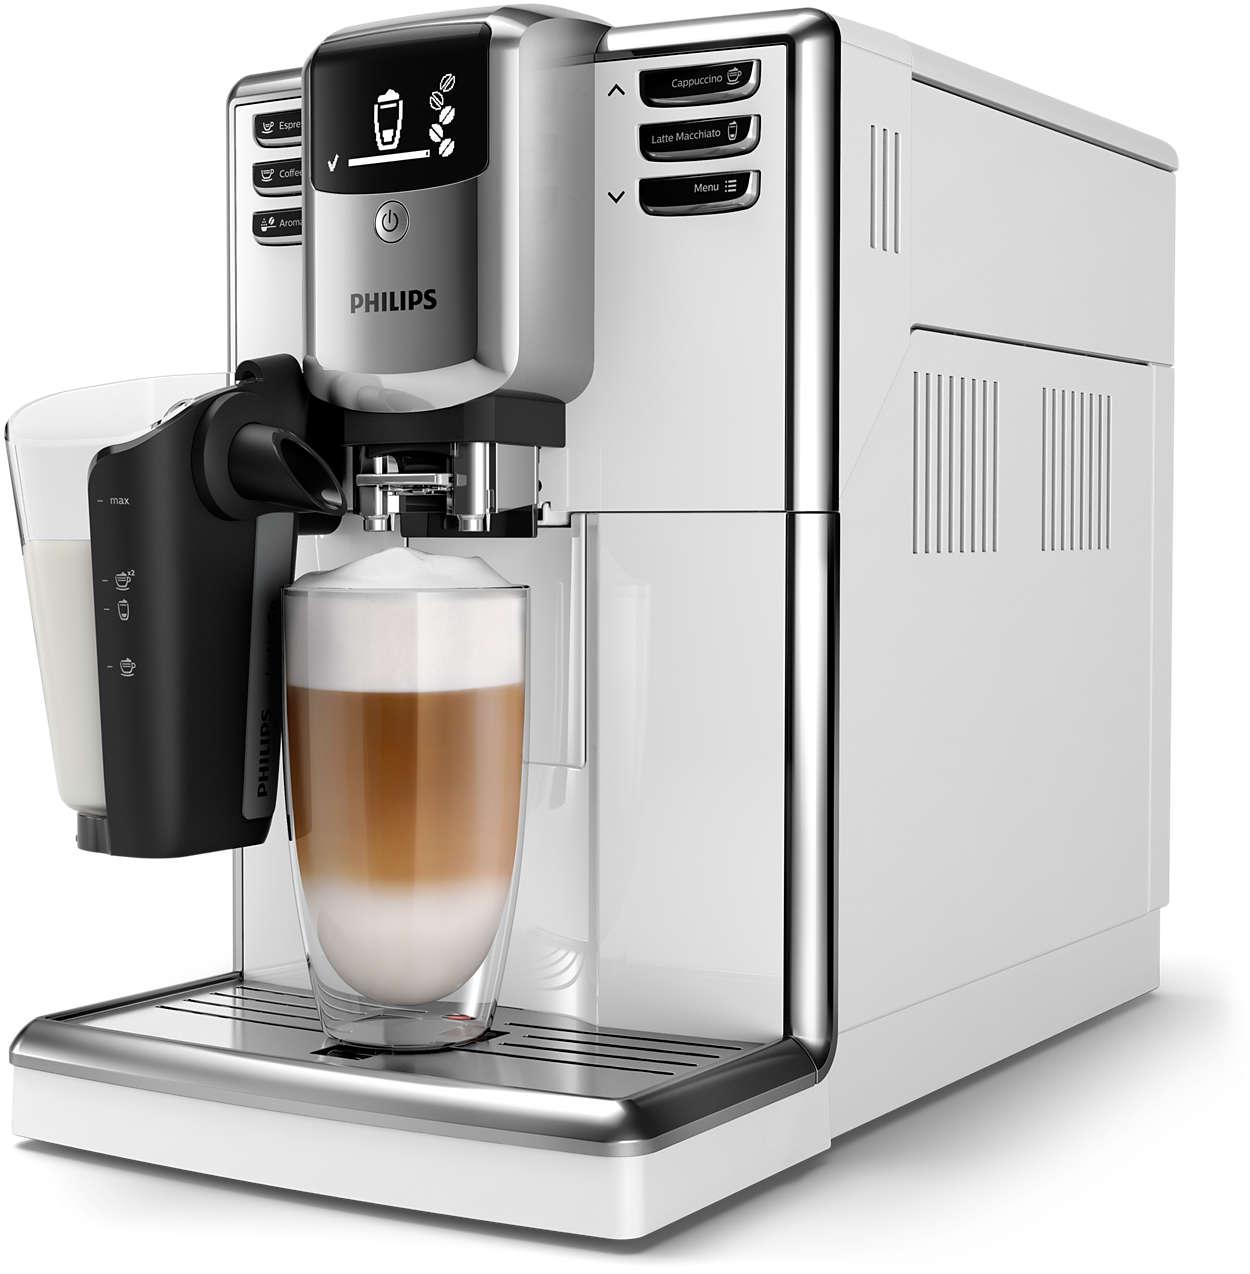 6видов кофе из свежемолотых зерен— это легко